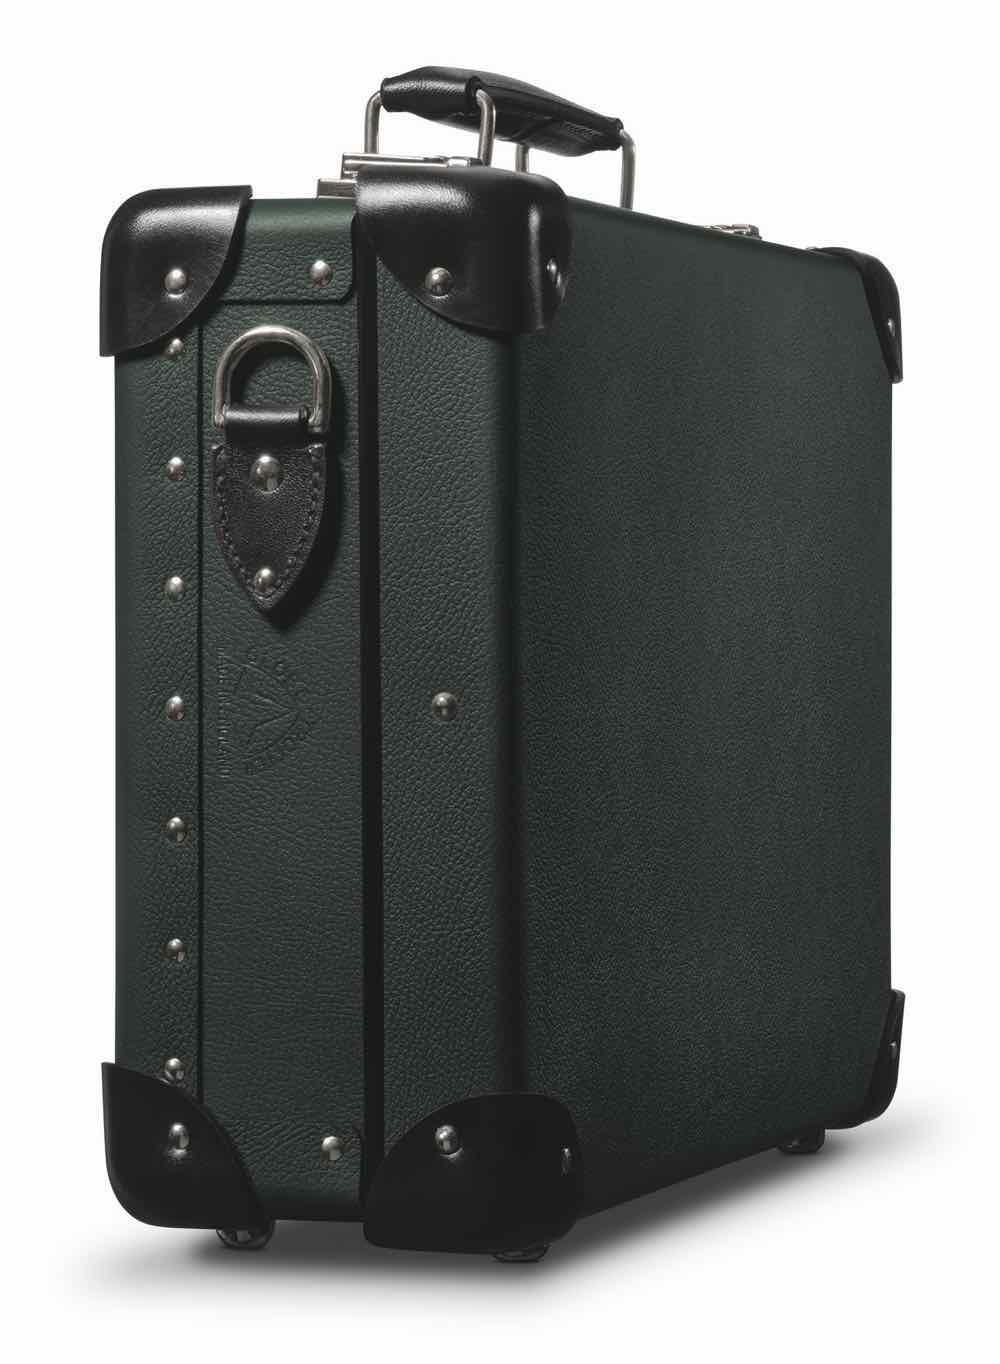 Leica Q2 「007 限量版」相機 獻禮占士邦系列電影新作《007 生死有時》